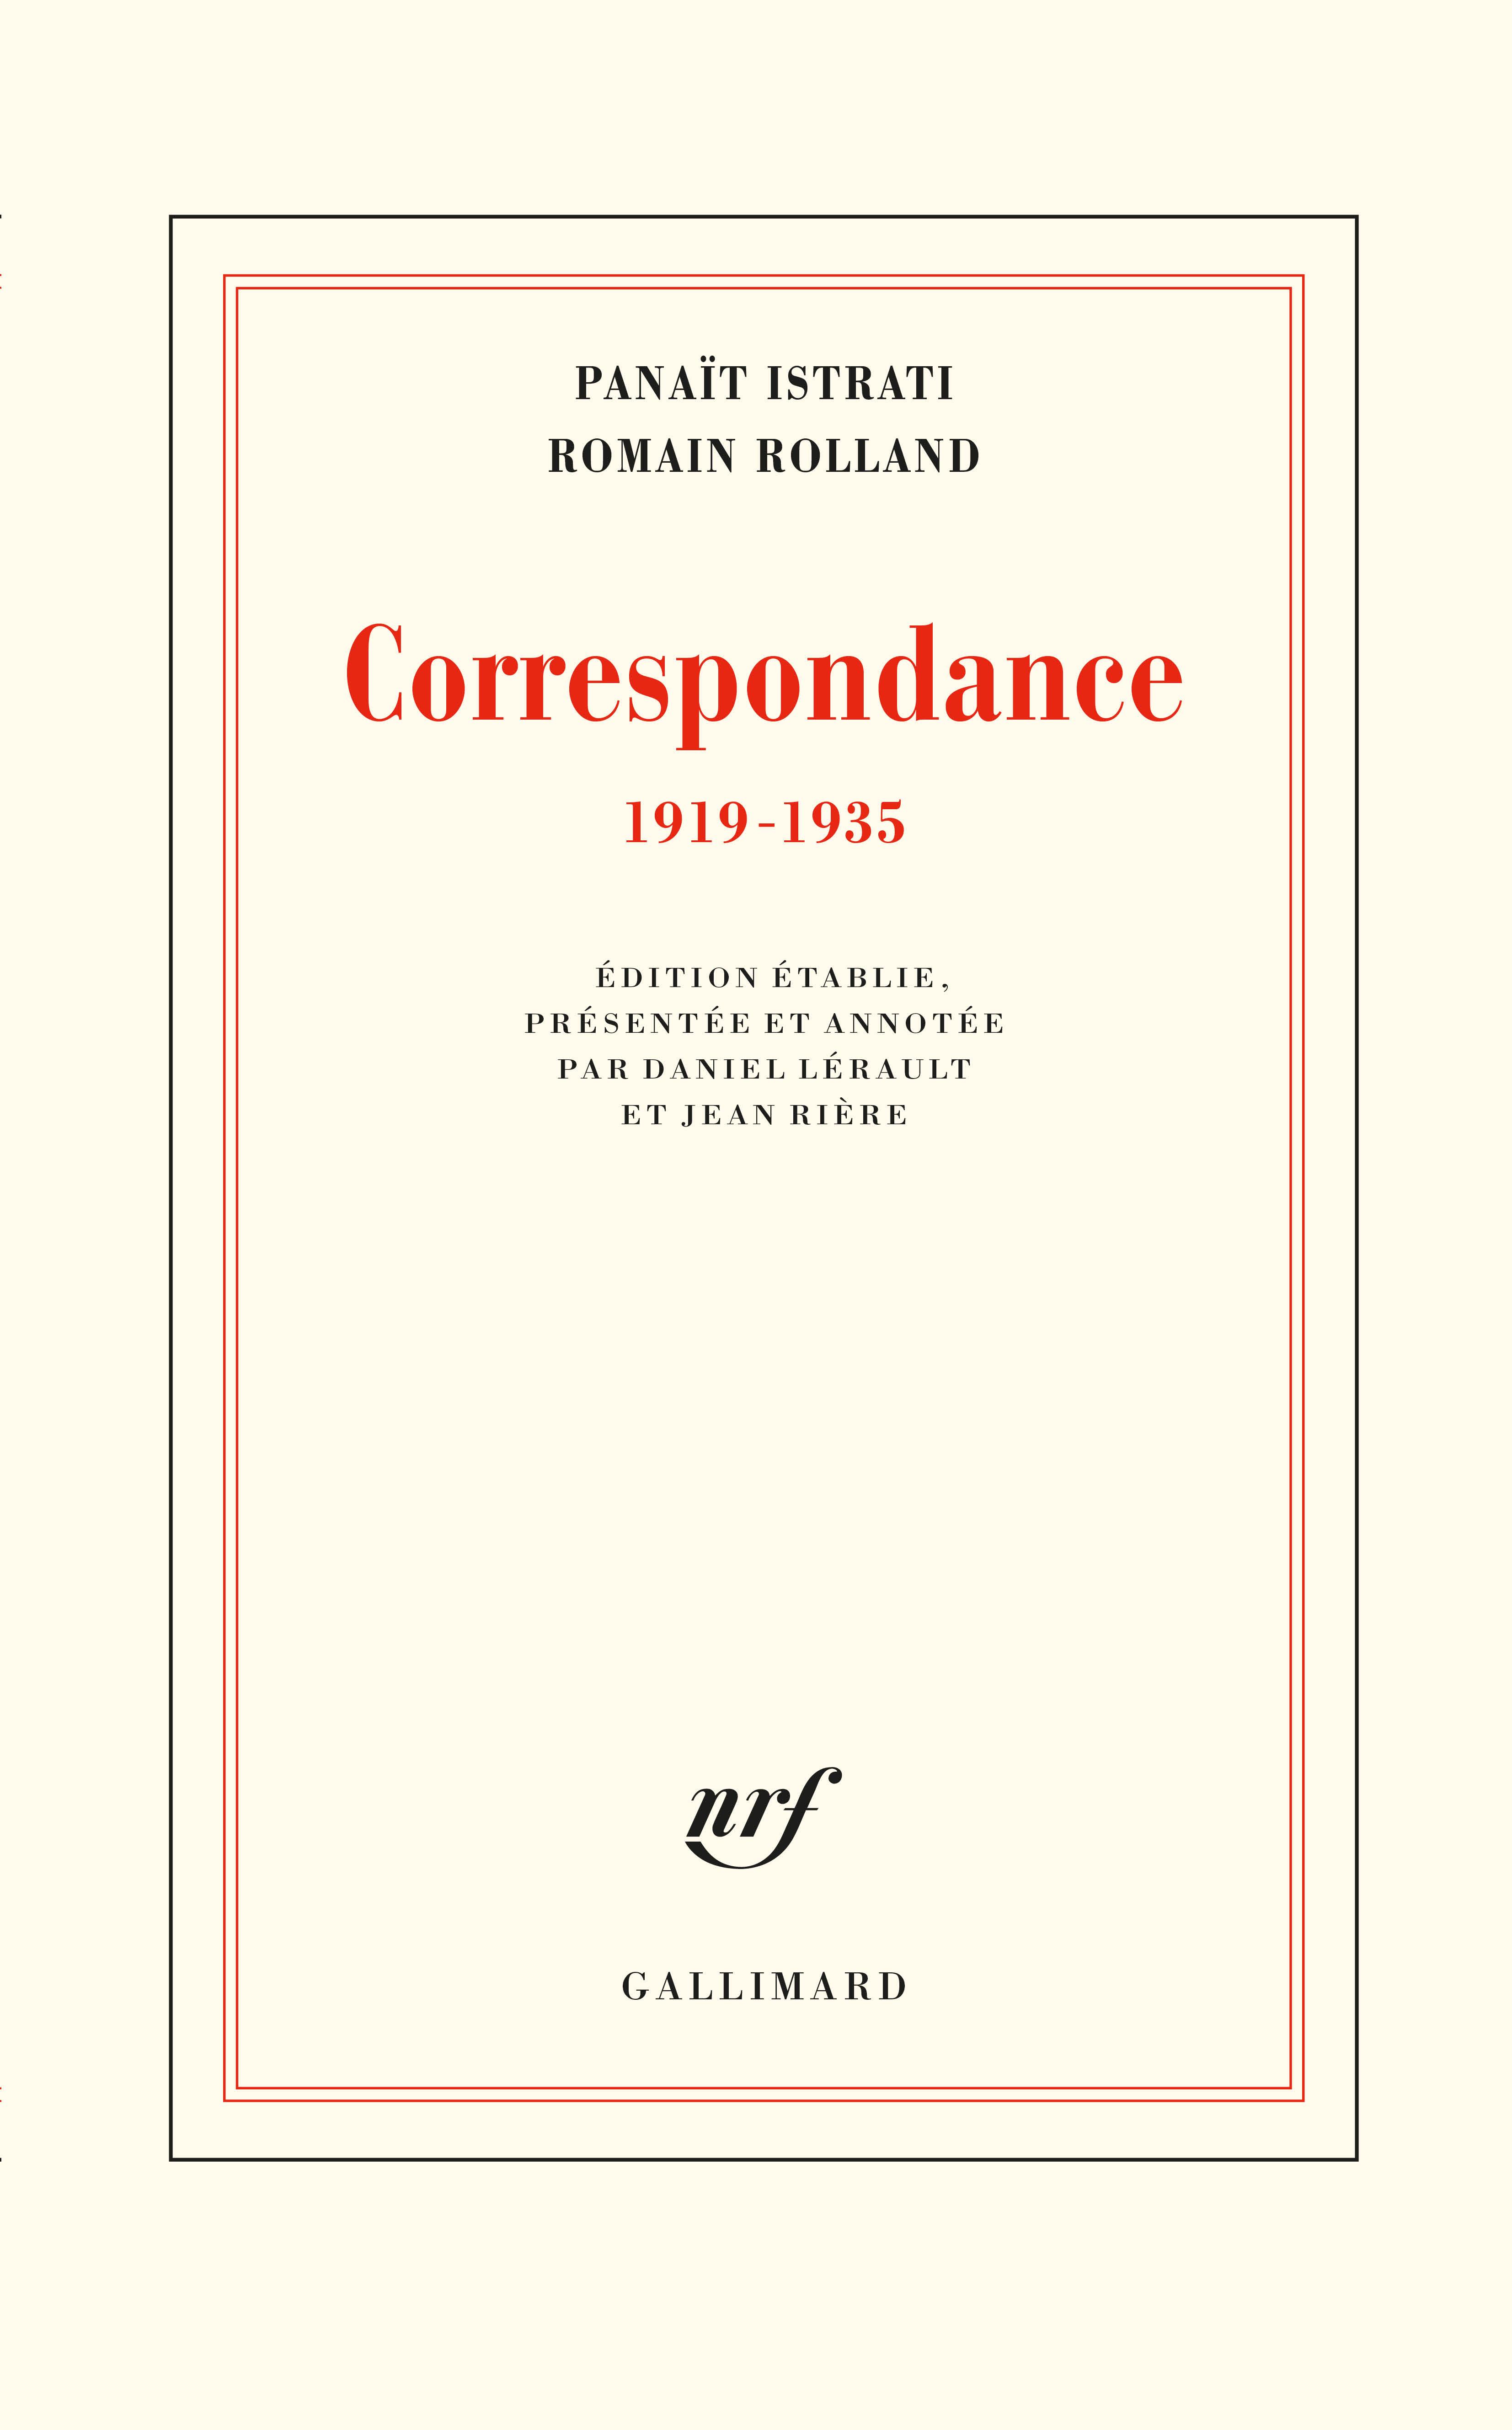 Panaït Istrati, Romain Rolland, Correspondance (1919-1935), éd. D. Lérault et J. Rière